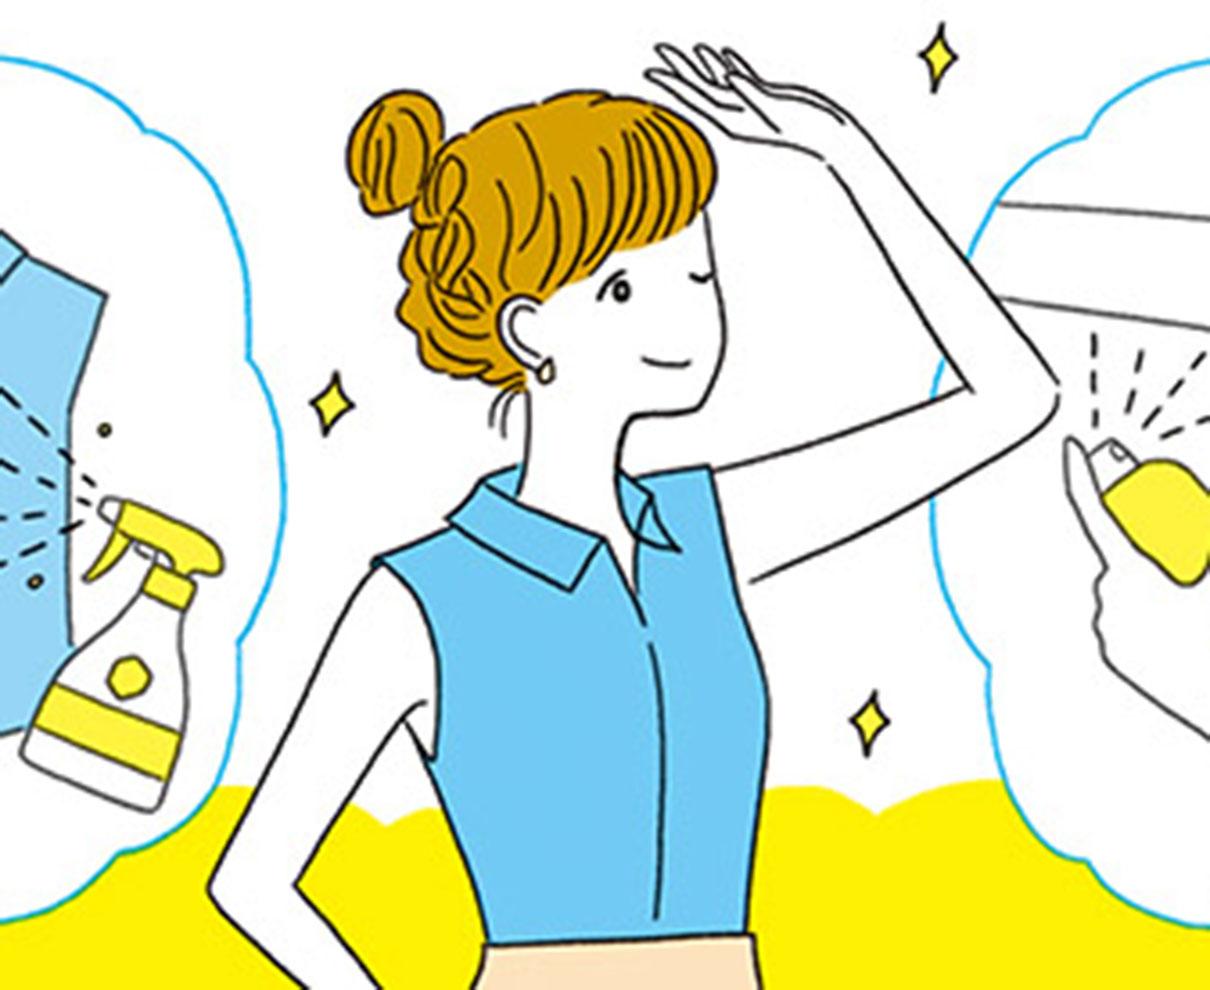 教えて! かずのすけ先生! 暑い夏も爽やかに過ごすための効果的な汗&ニオイ対策は?